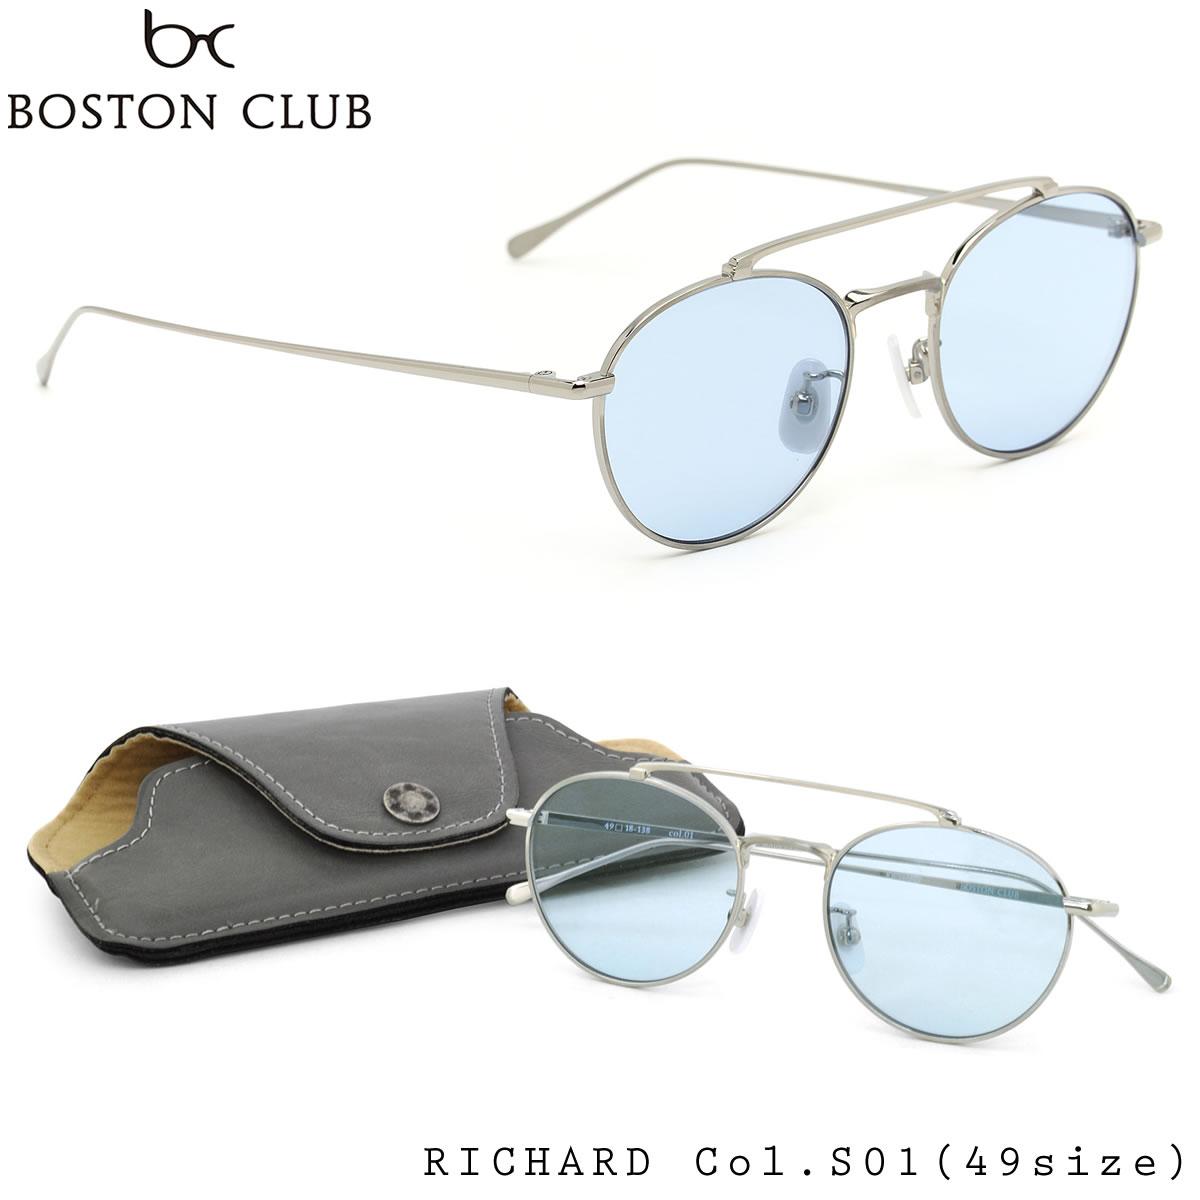 【10月30日からエントリーで全品ポイント20倍】【BOSTON CLUB】(ボストンクラブ) サングラス RICHARD S01 49サイズ ボストン 日本製 チタン ツーブリッジ ボストンクラブ BOSTONCLUB メンズ レディース